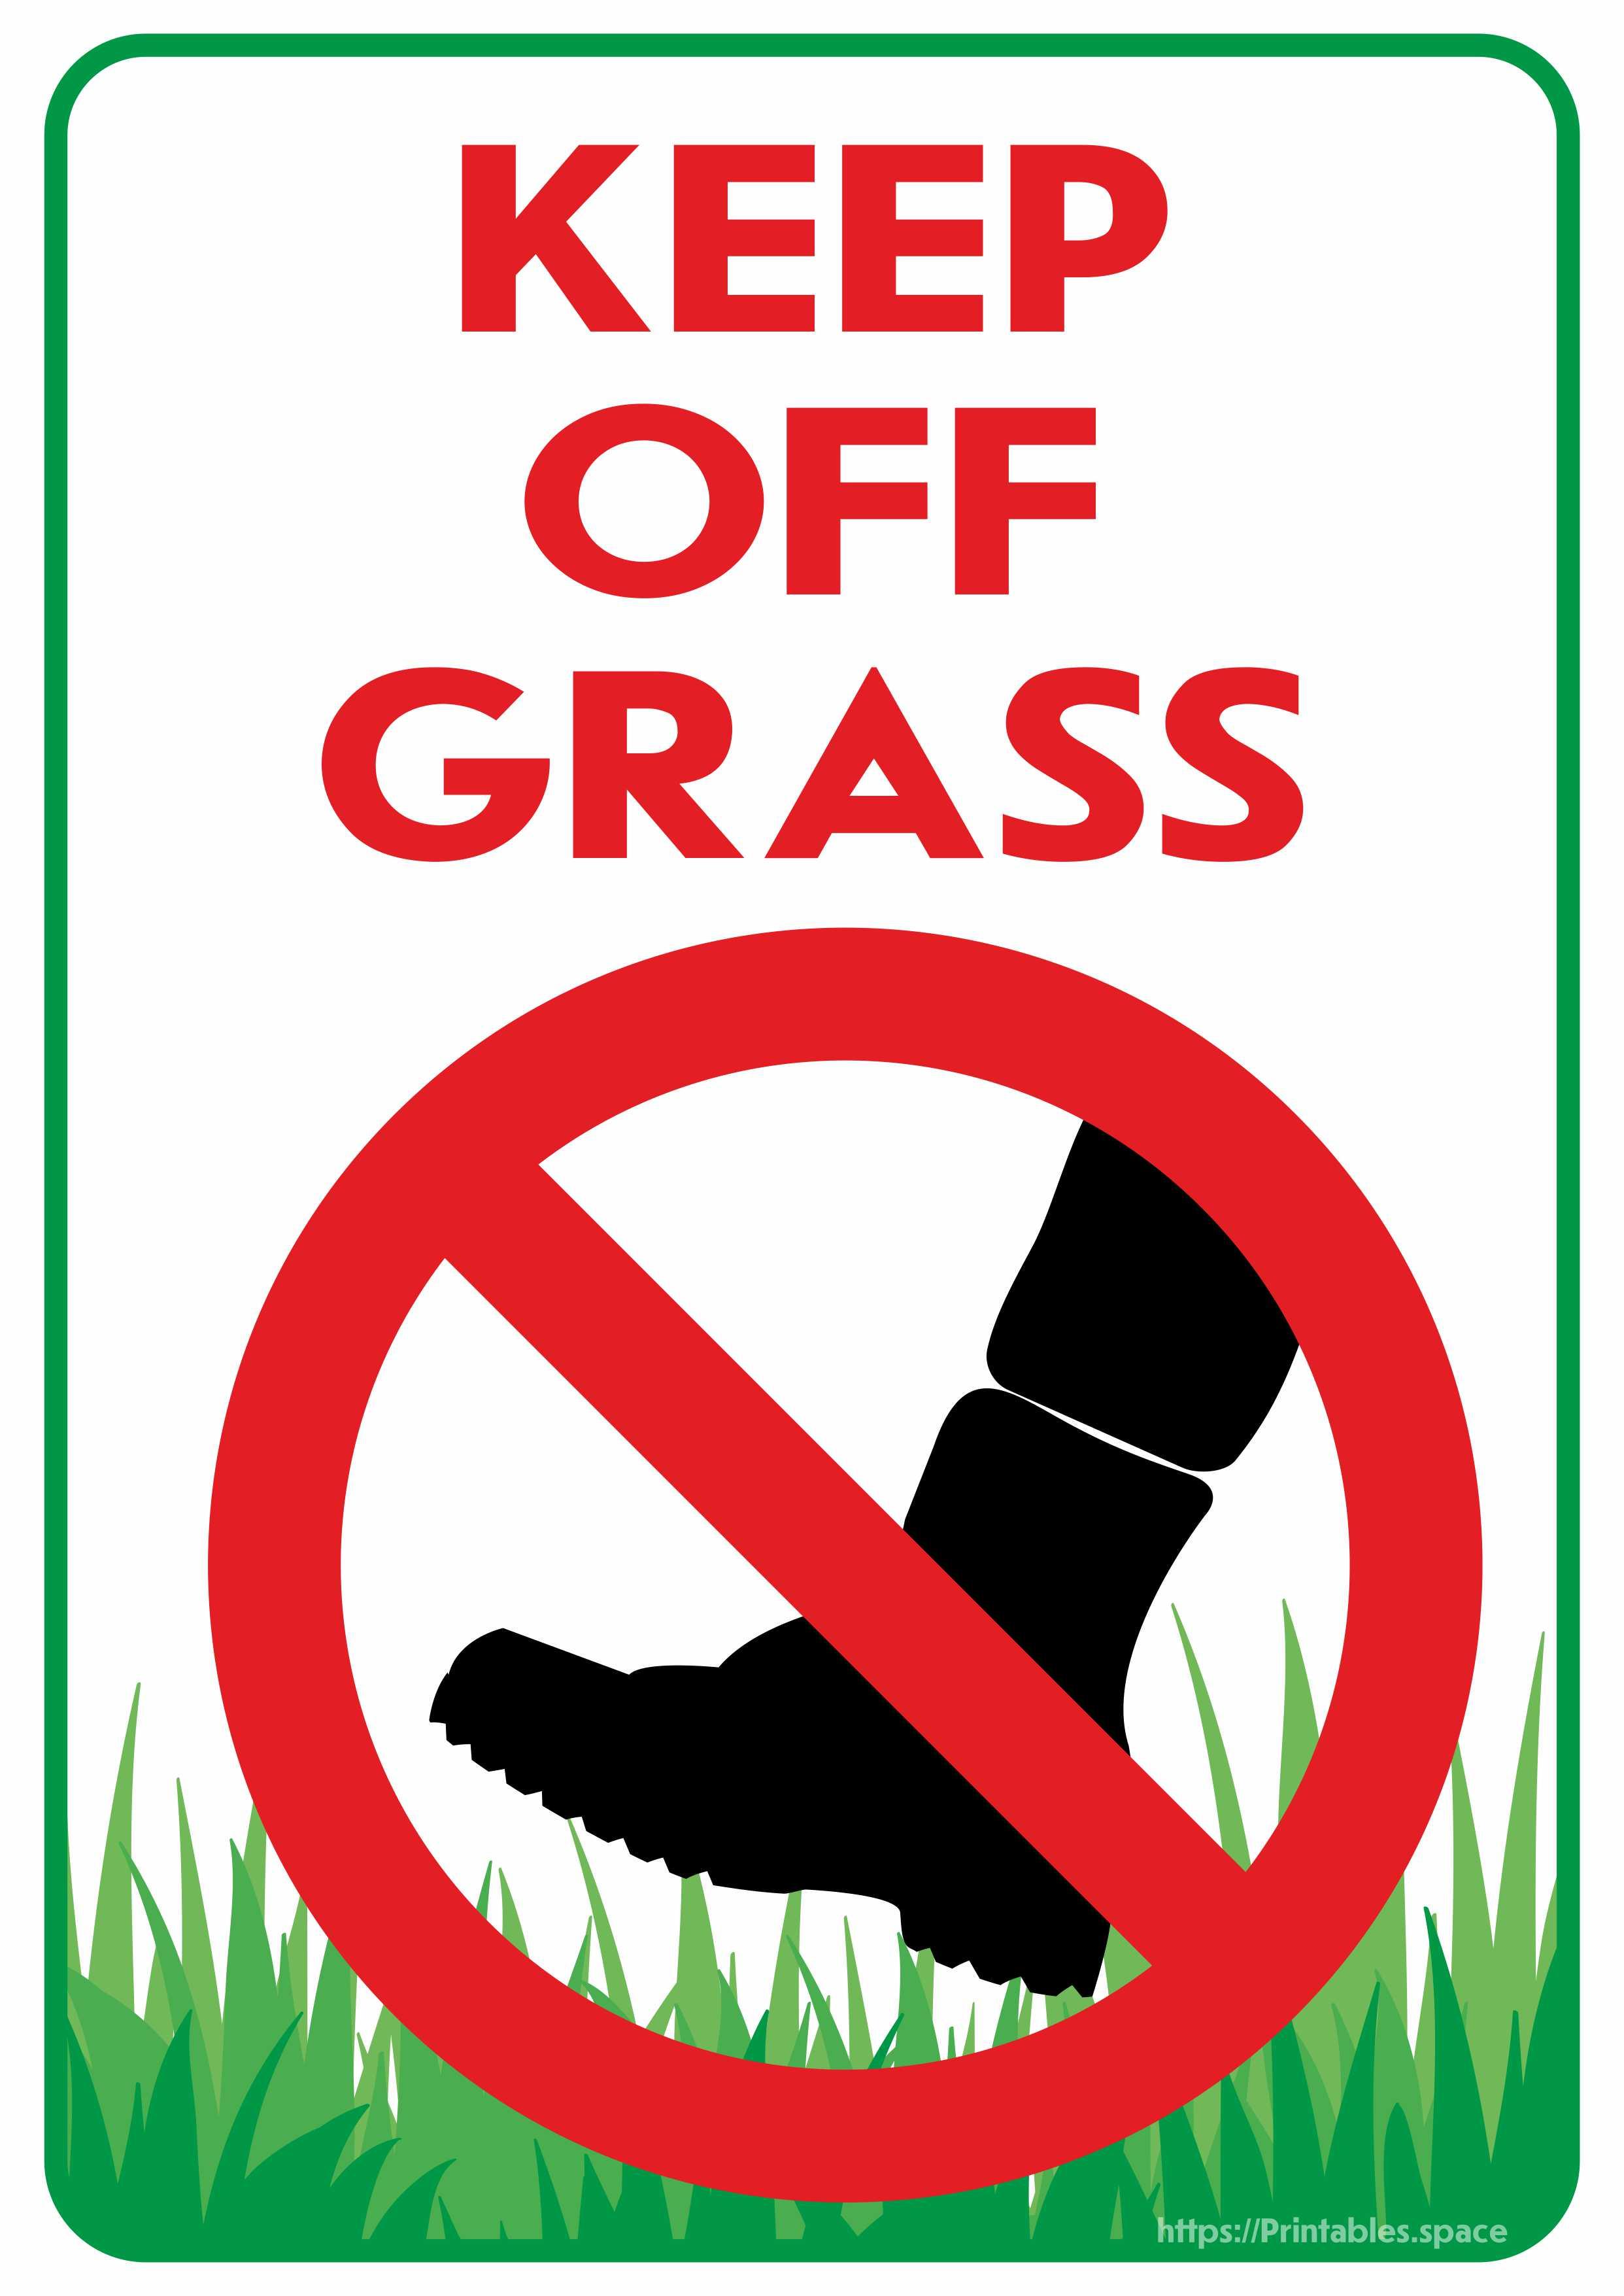 Keep Off Grass Sign.